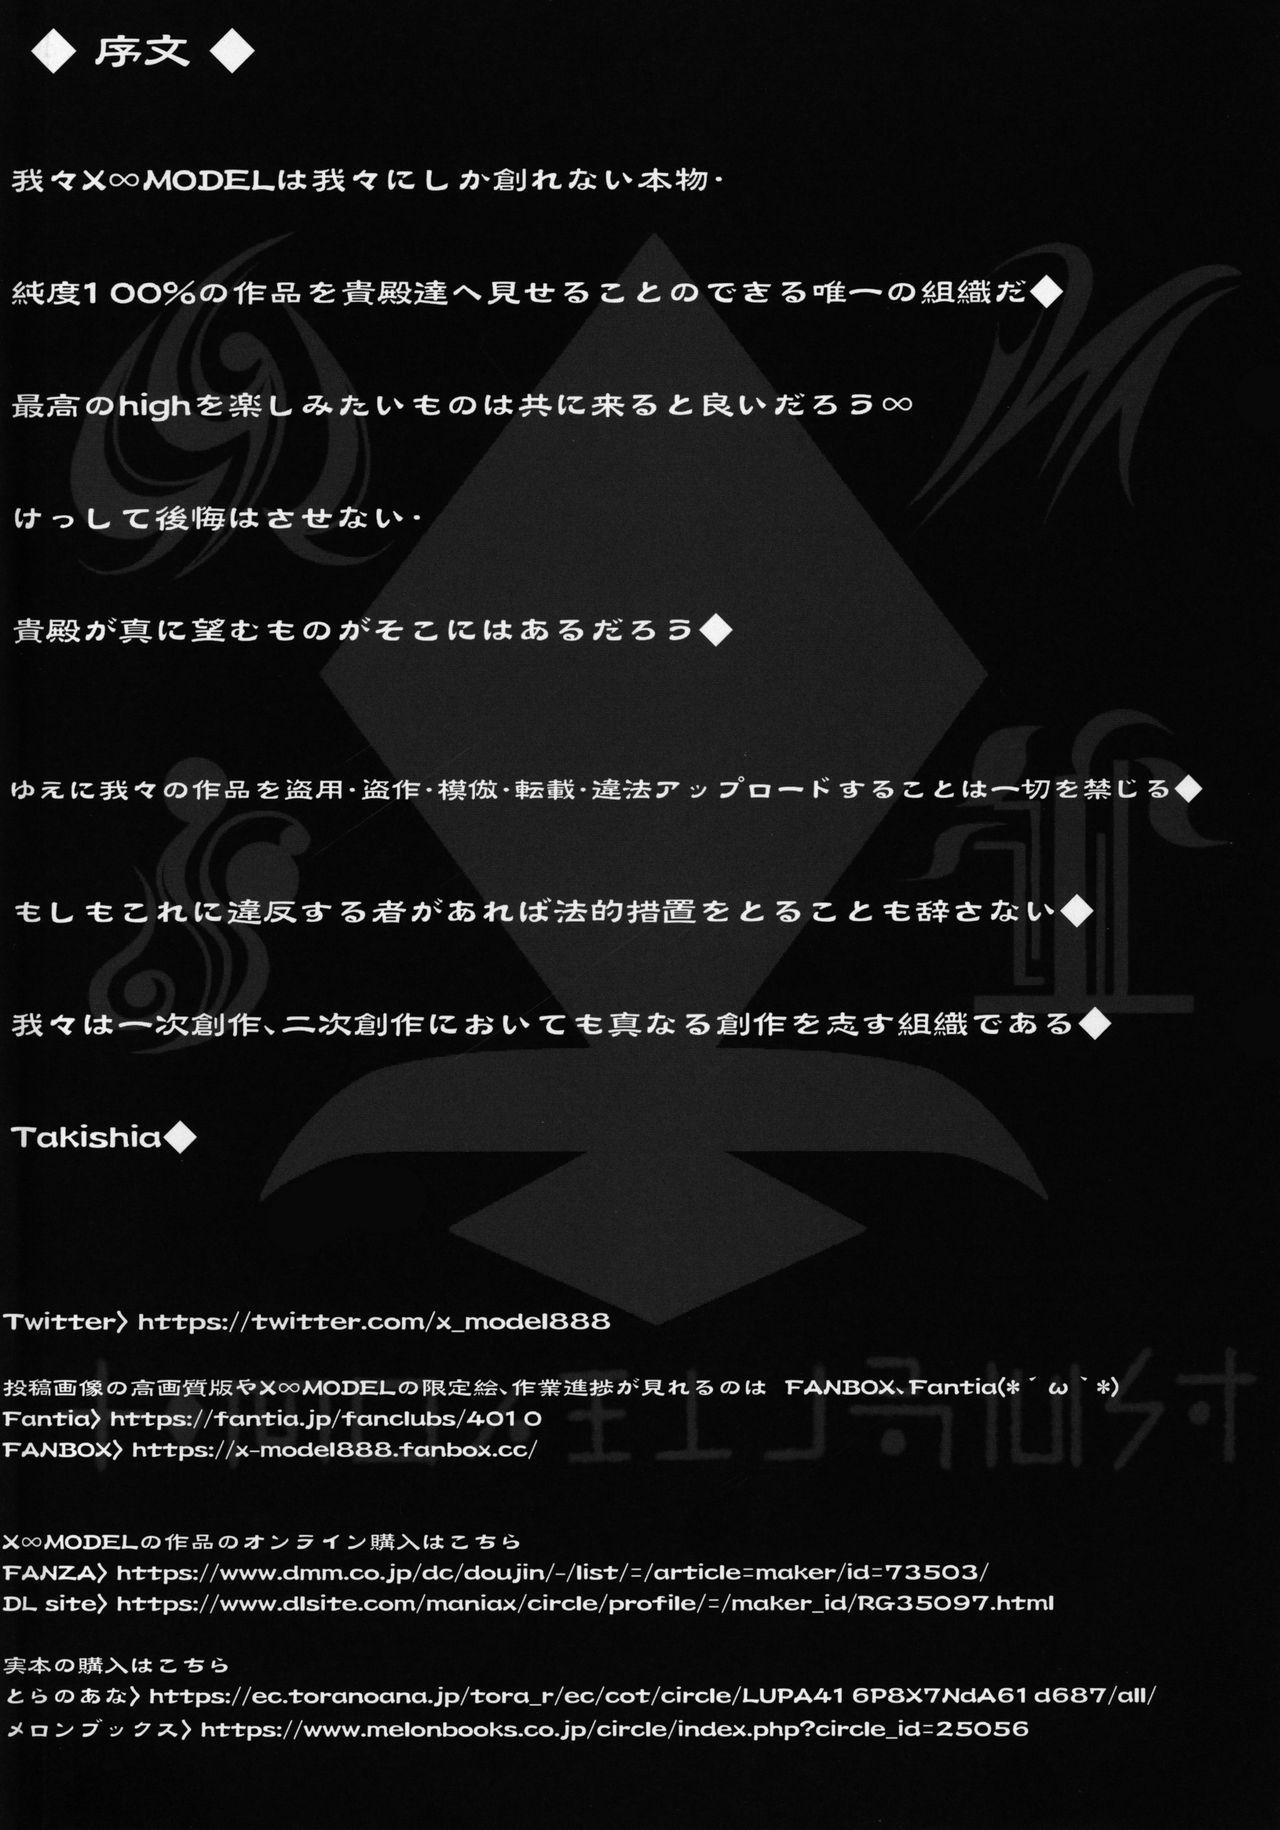 Karisome no Kanojo II Cosplay H Hen 2